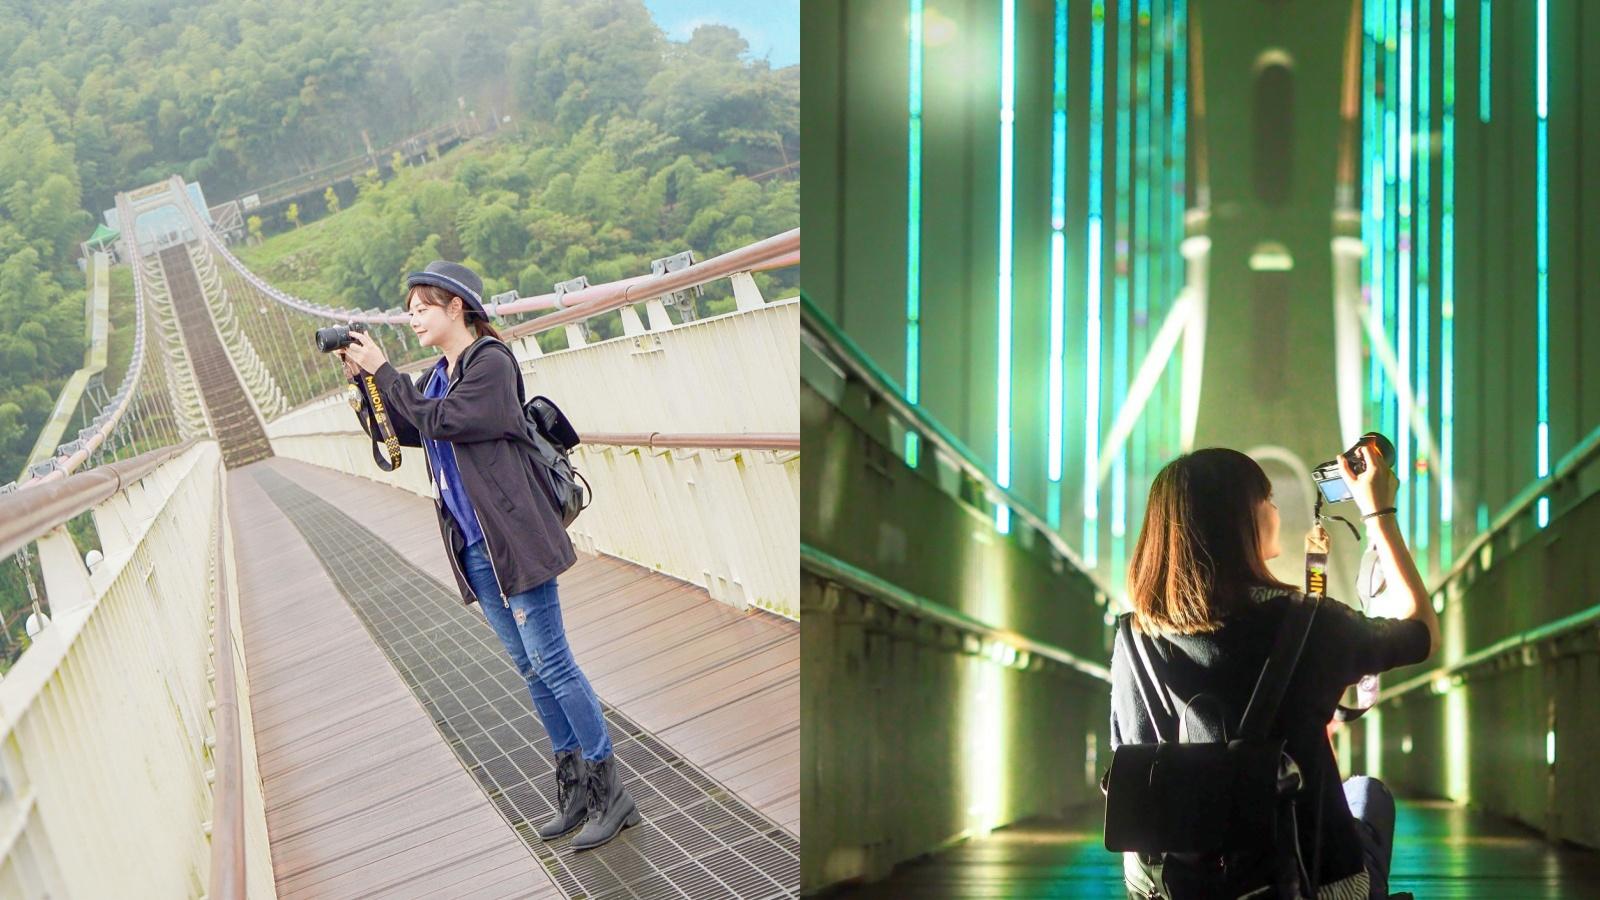 ☆【嘉義】雲端上的浪漫:梅山太平雲梯|交通方式|優惠票券 @凱的日本食尚日記